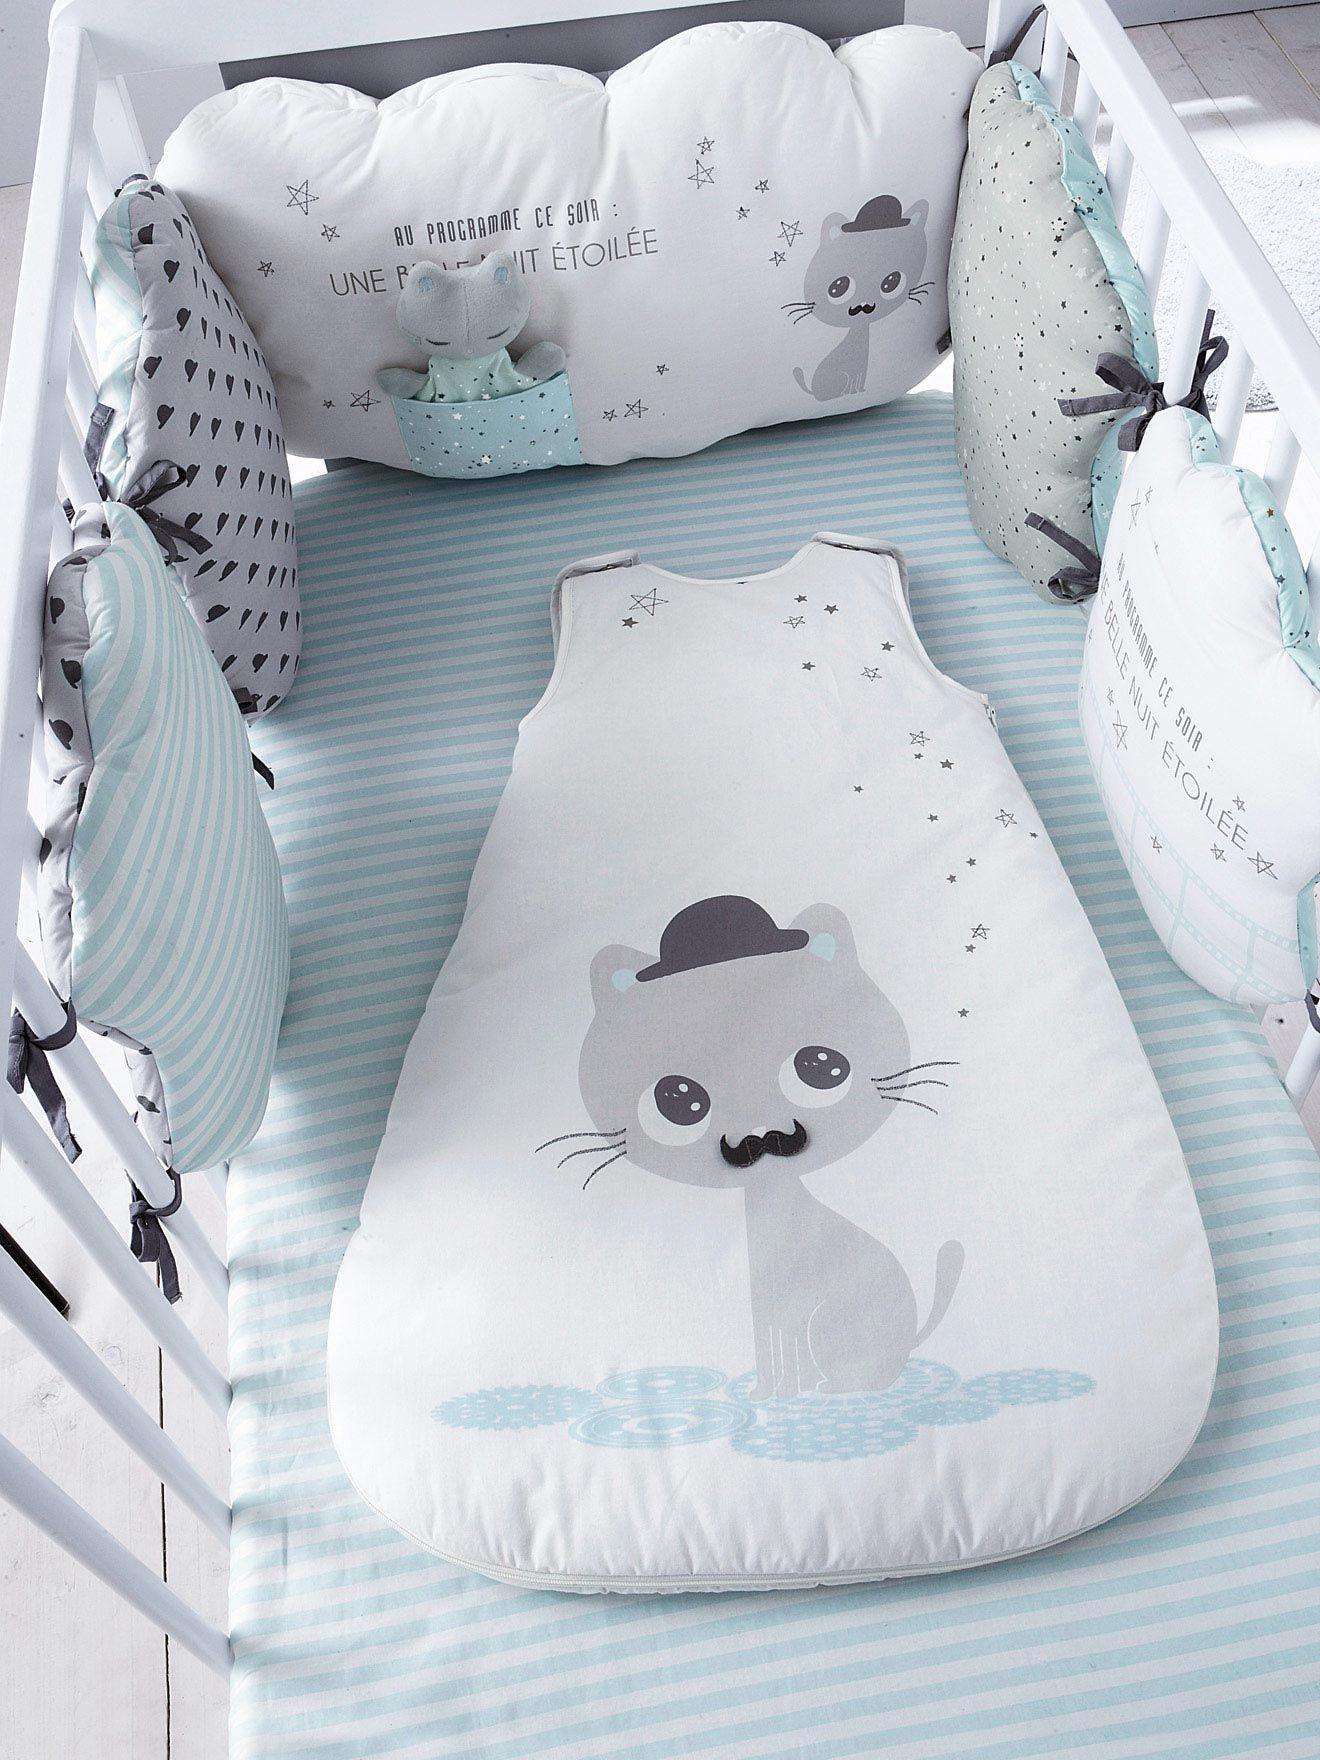 tour de lit bébé modulable thème miaous tach Silhouette Tour de lit bébé modulable thème Miaous'tach +  tour de lit bébé modulable thème miaous tach